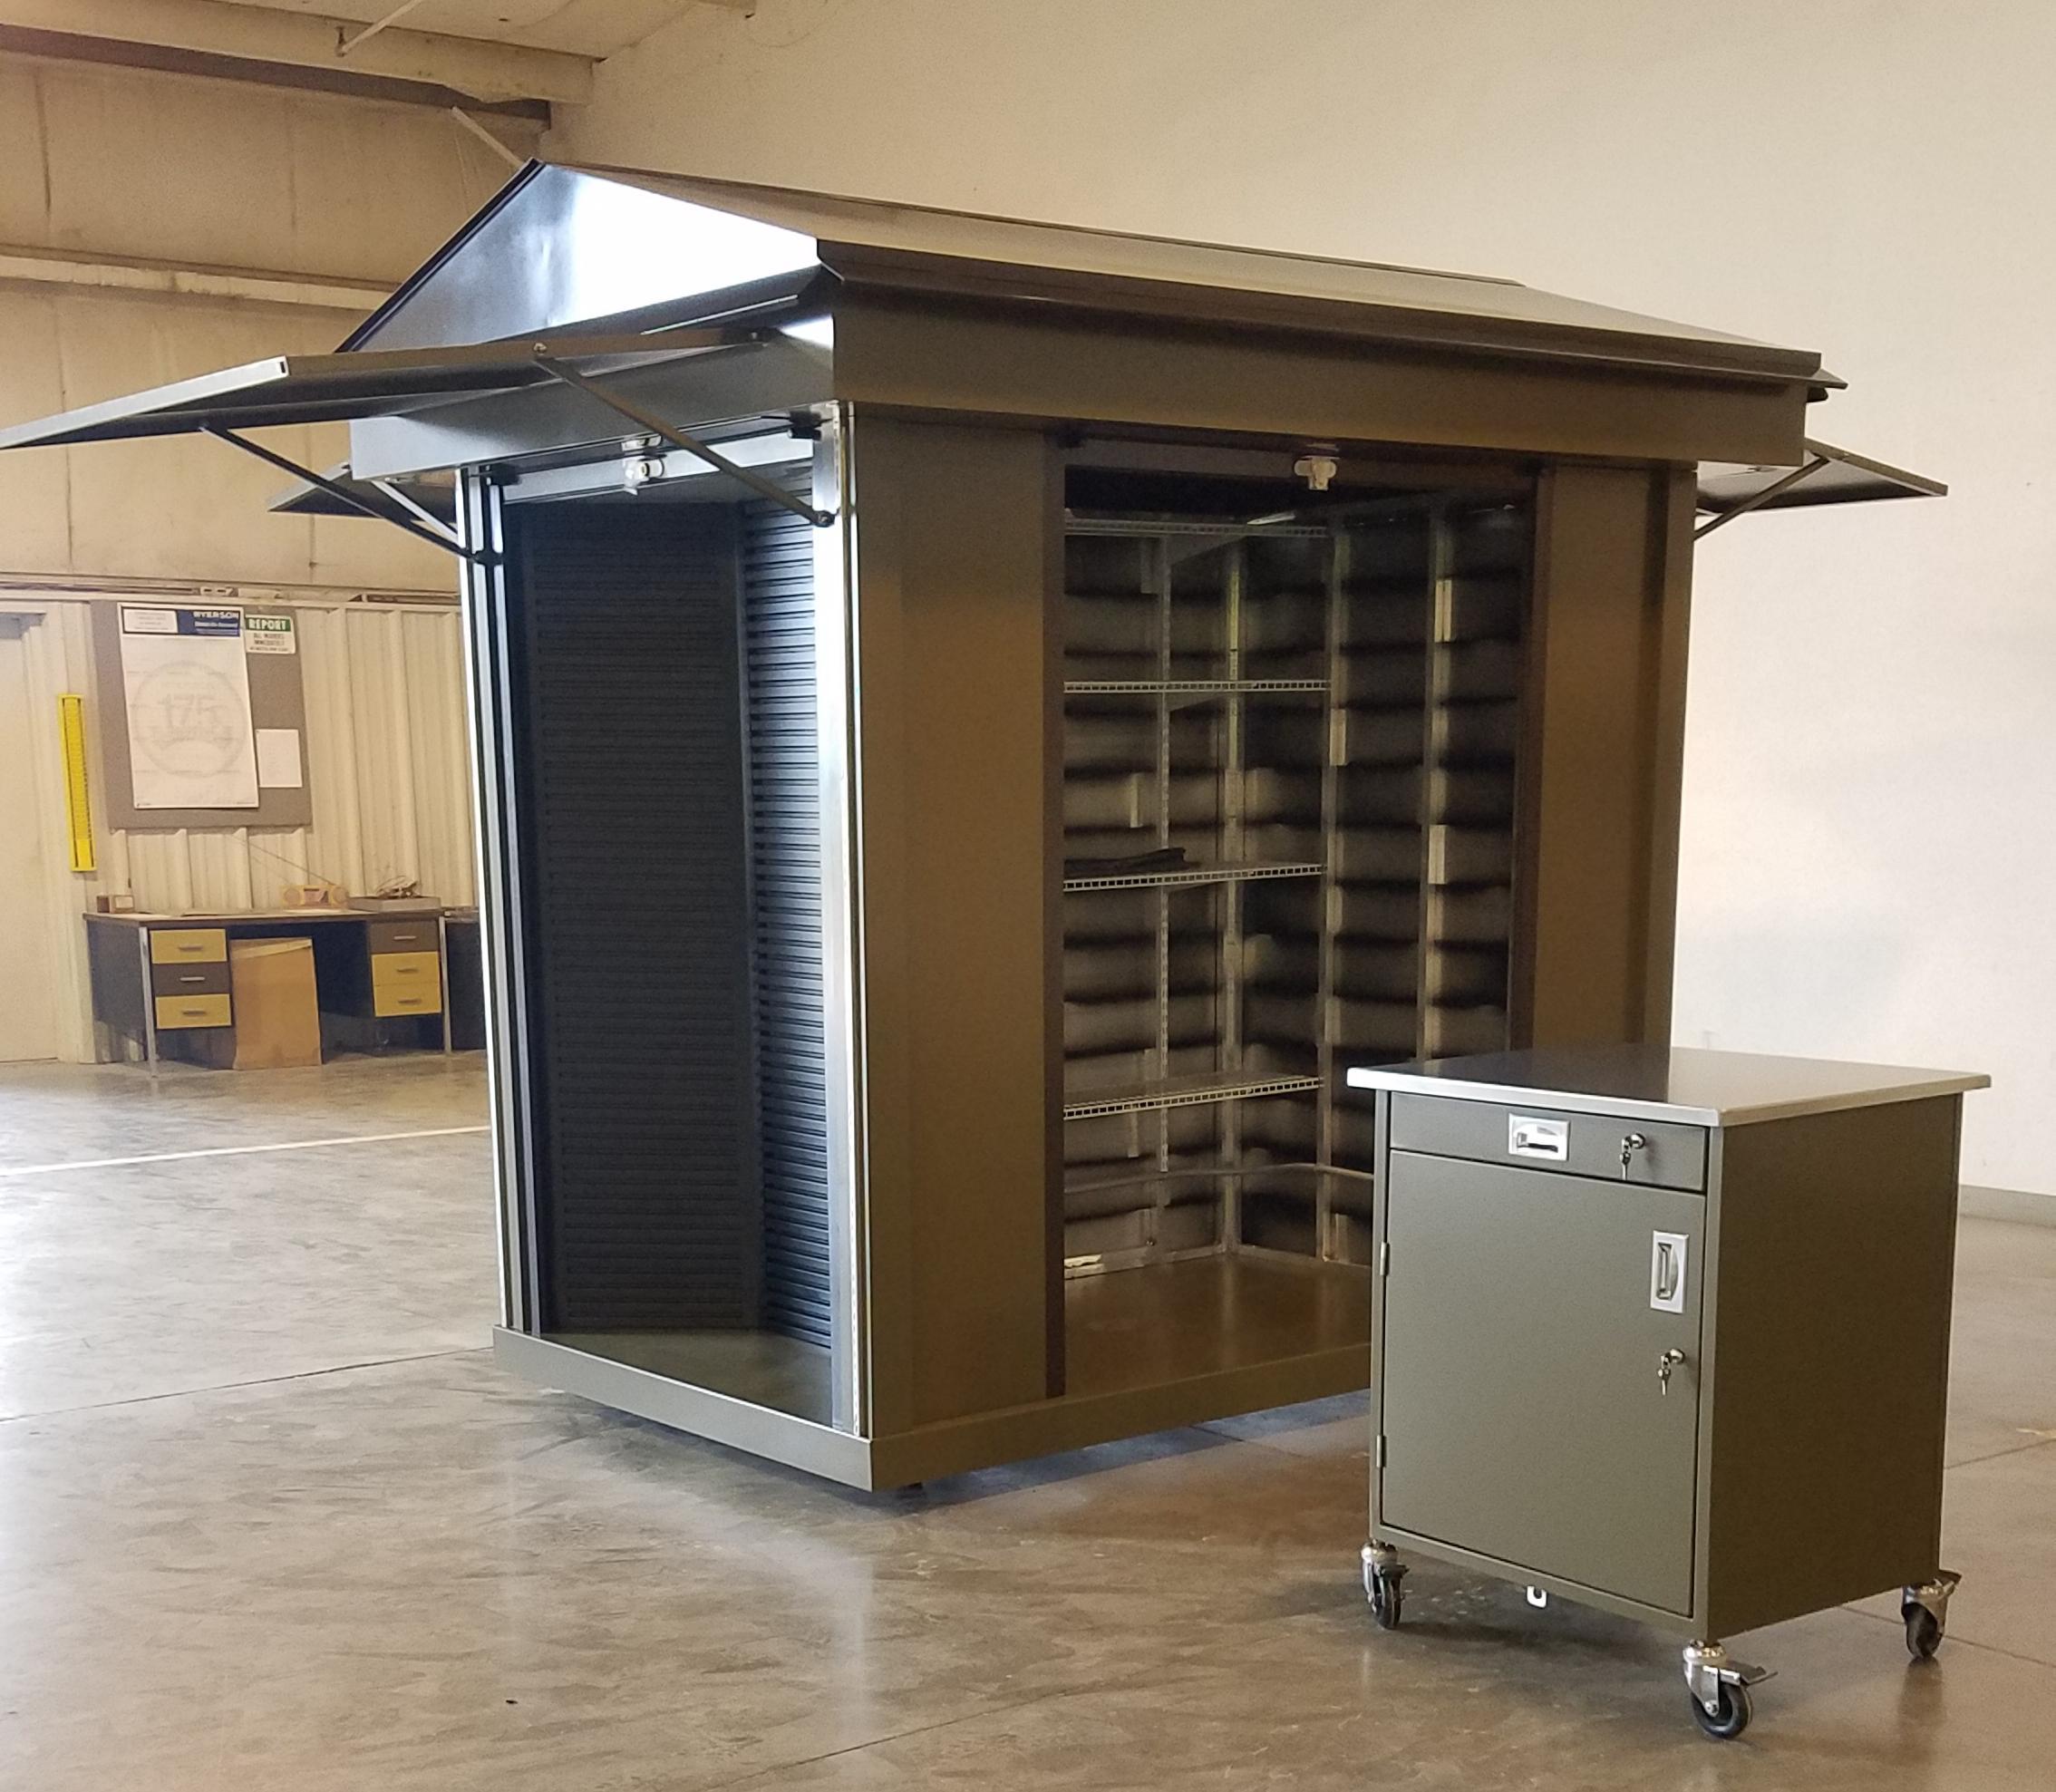 Lancer Oklahoma Zoo Slatwall Kiosk with POS Cart